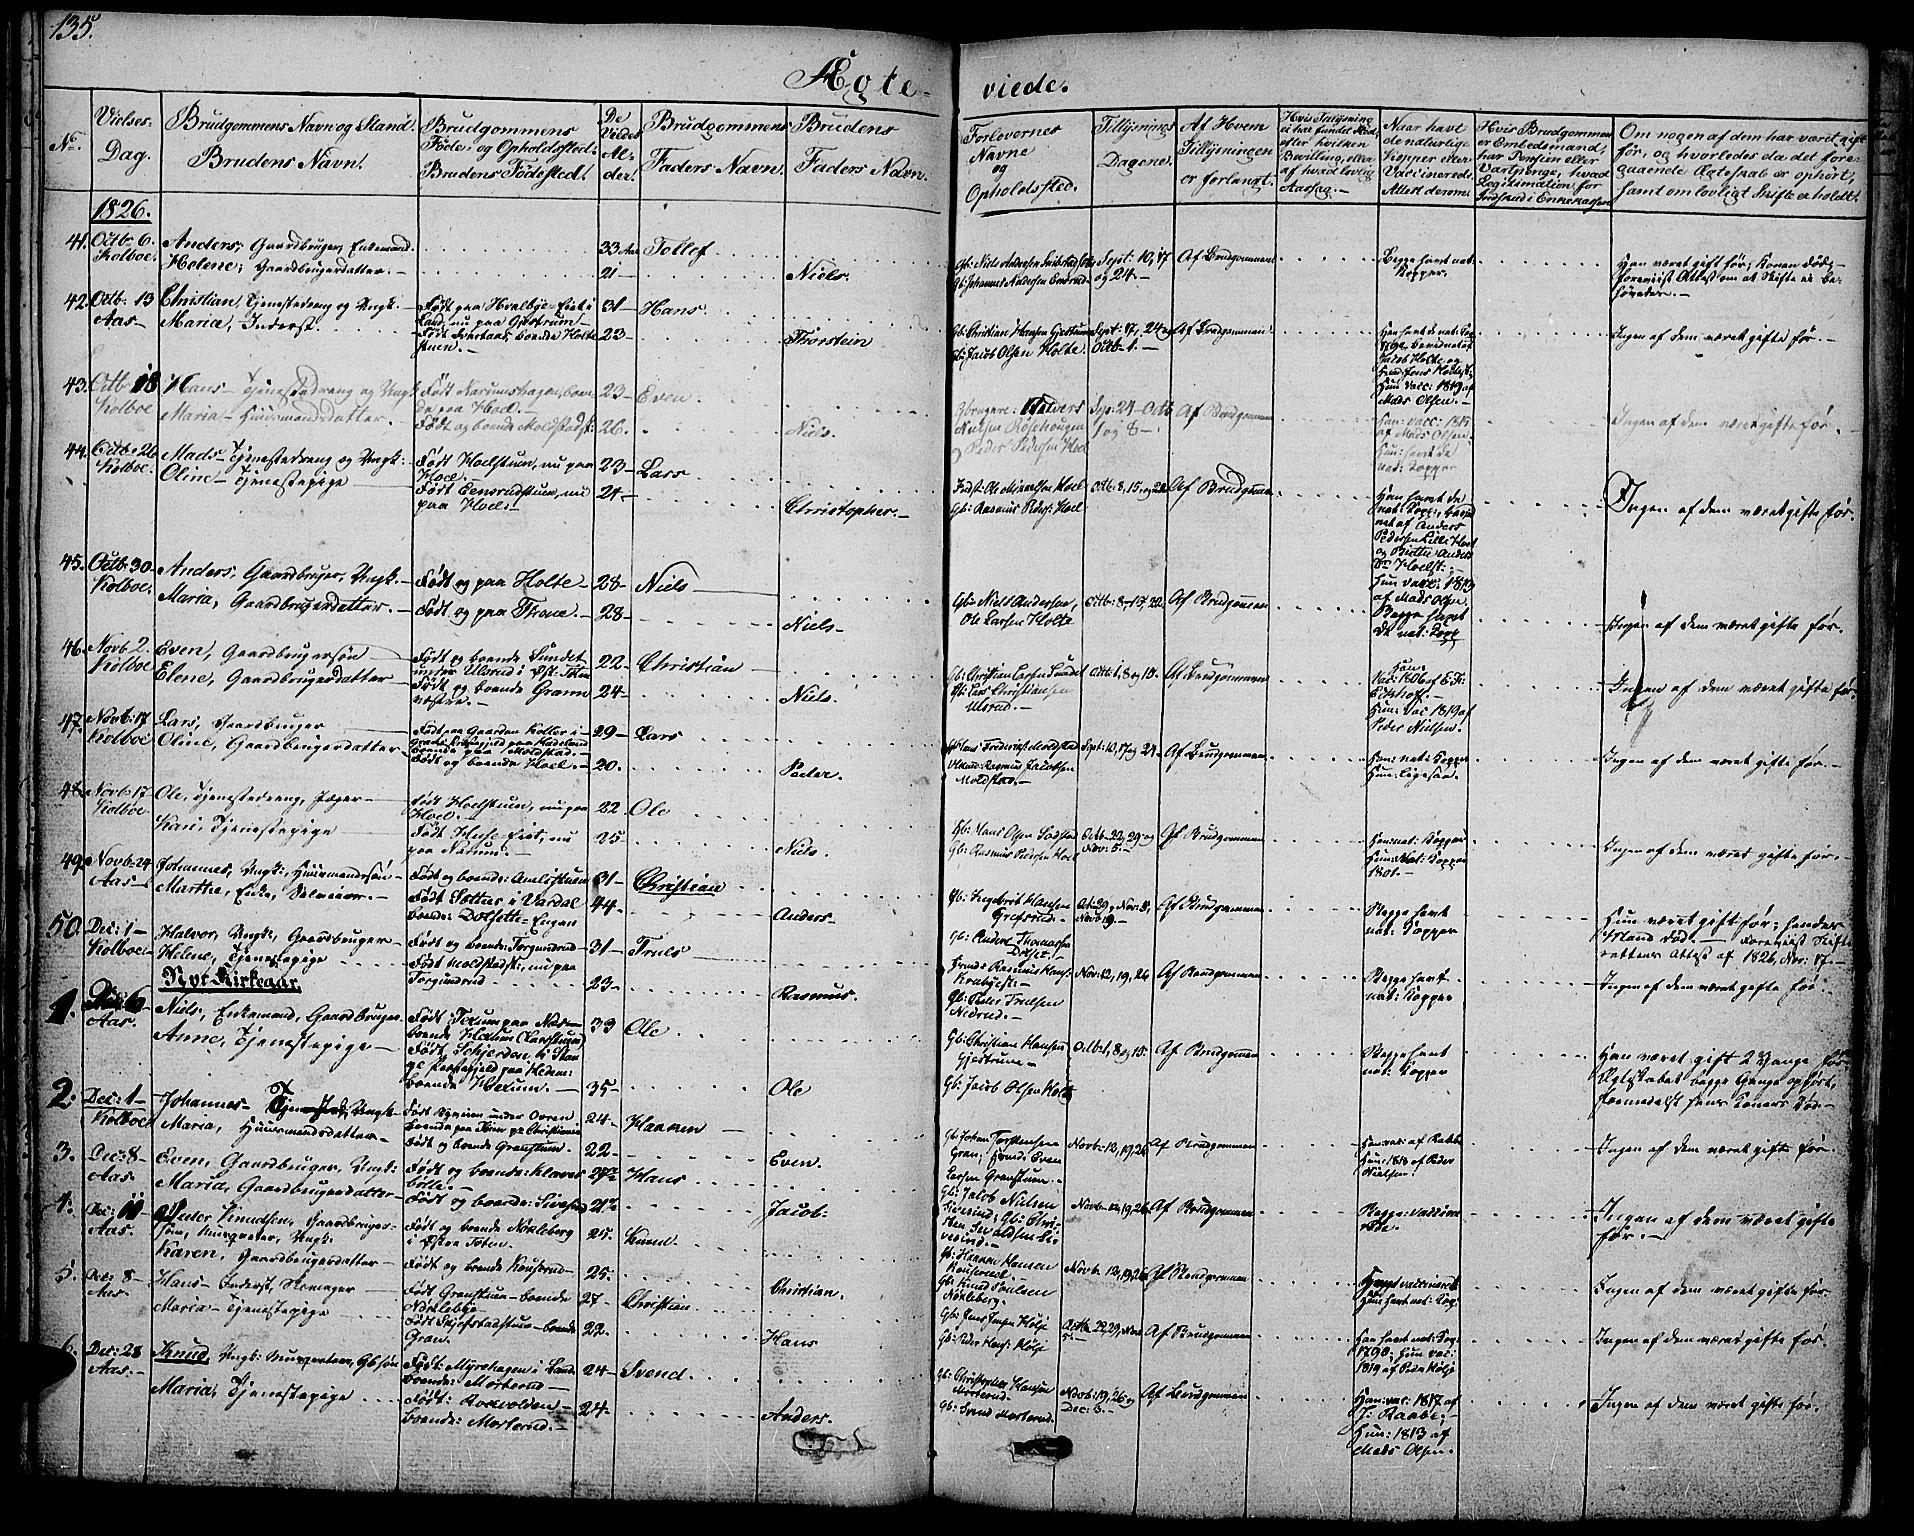 SAH, Vestre Toten prestekontor, Ministerialbok nr. 2, 1825-1837, s. 135